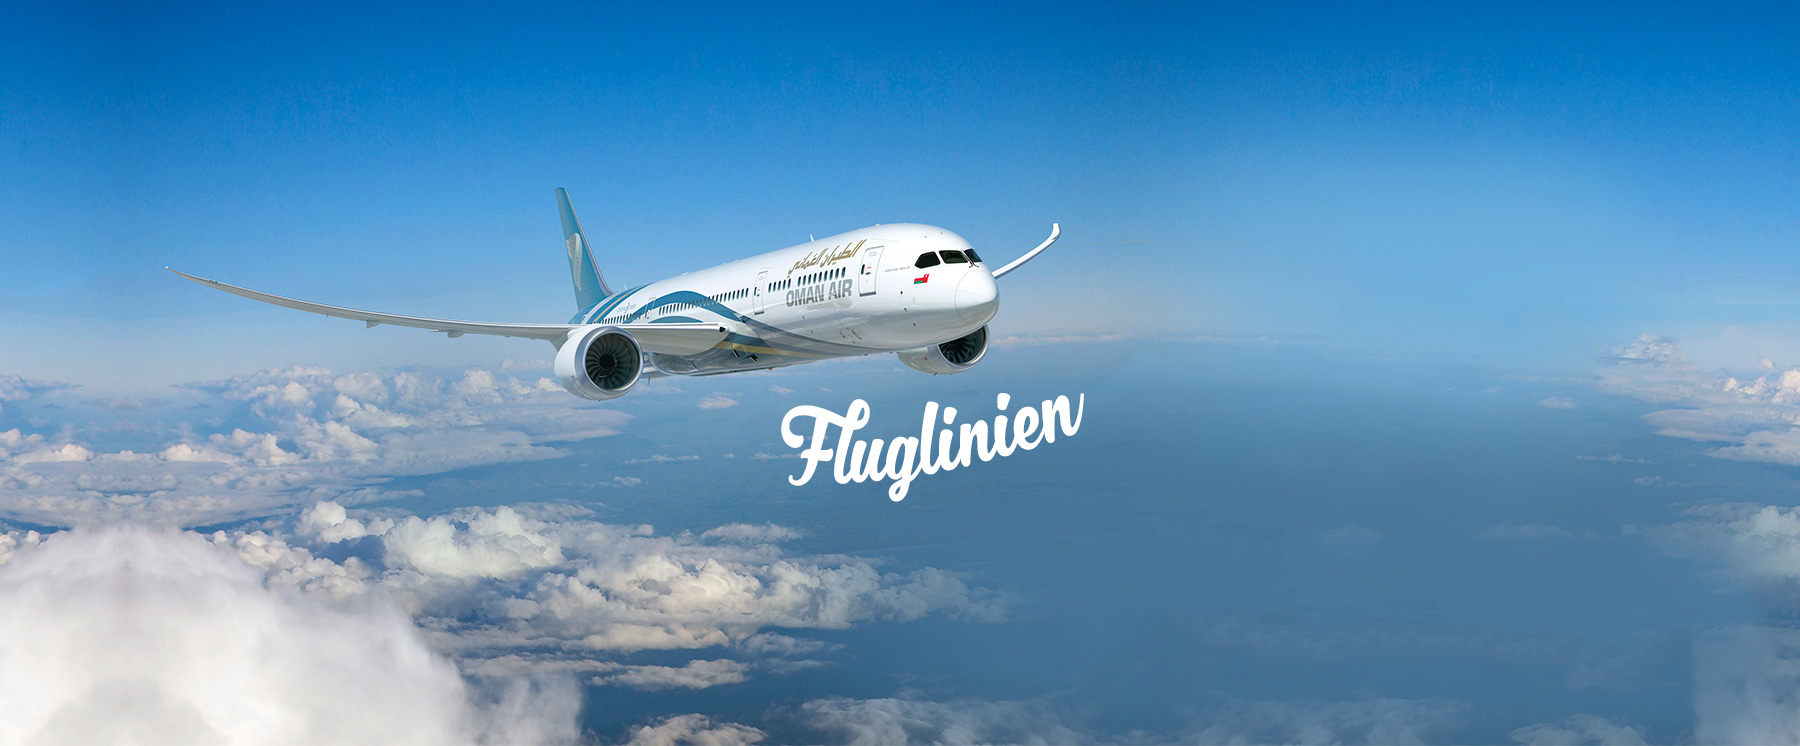 Fluglinien